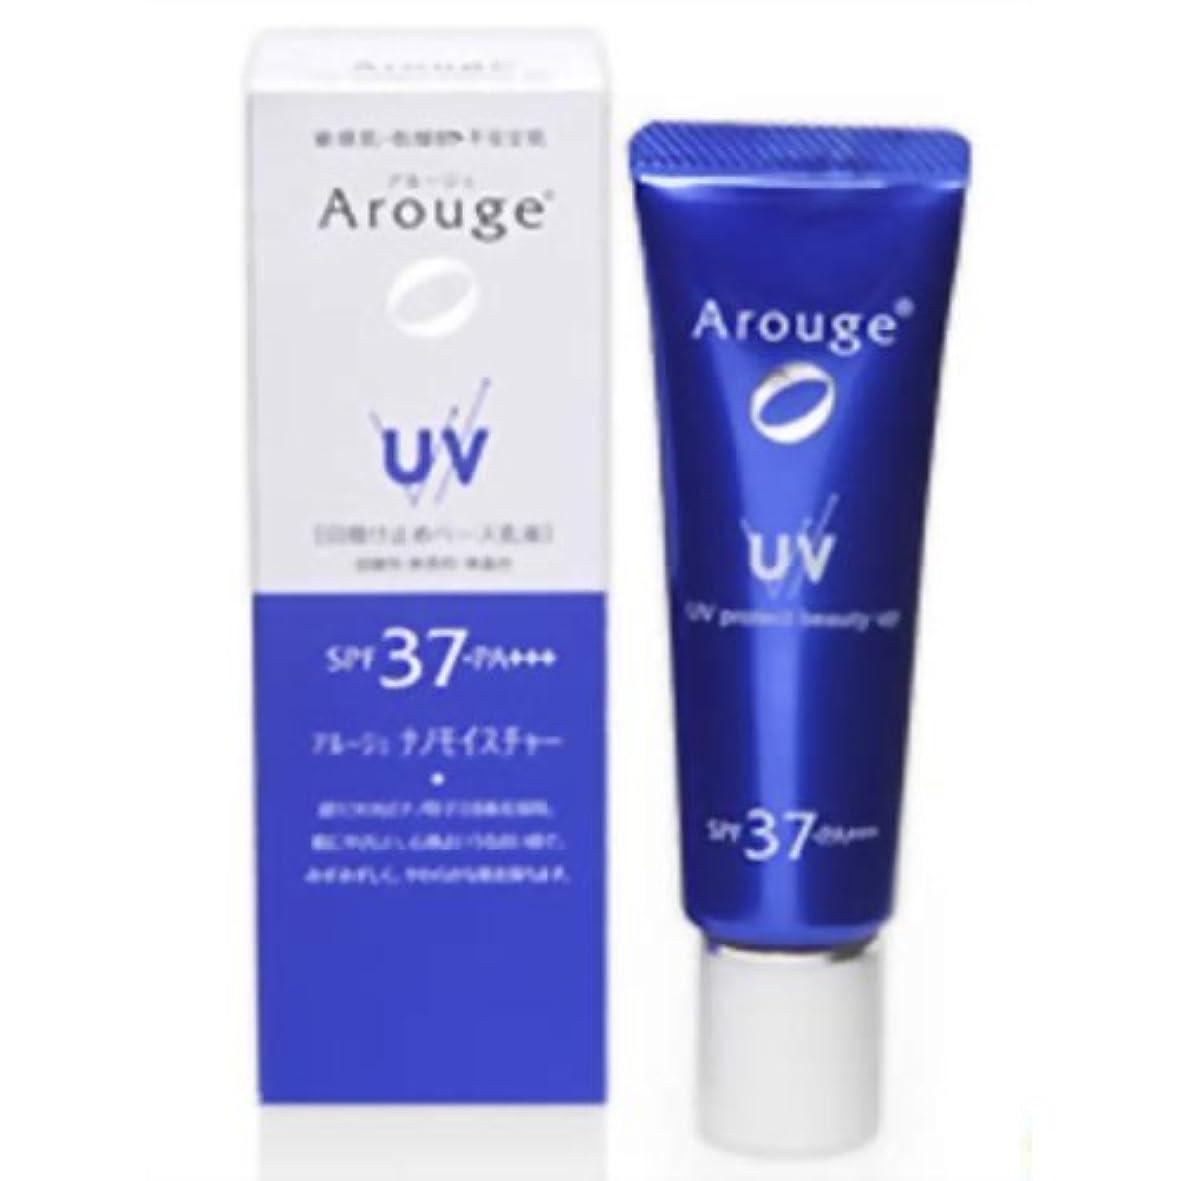 流すコーラスドキドキアルージェ UVプロテクトビューティーアップ 25g